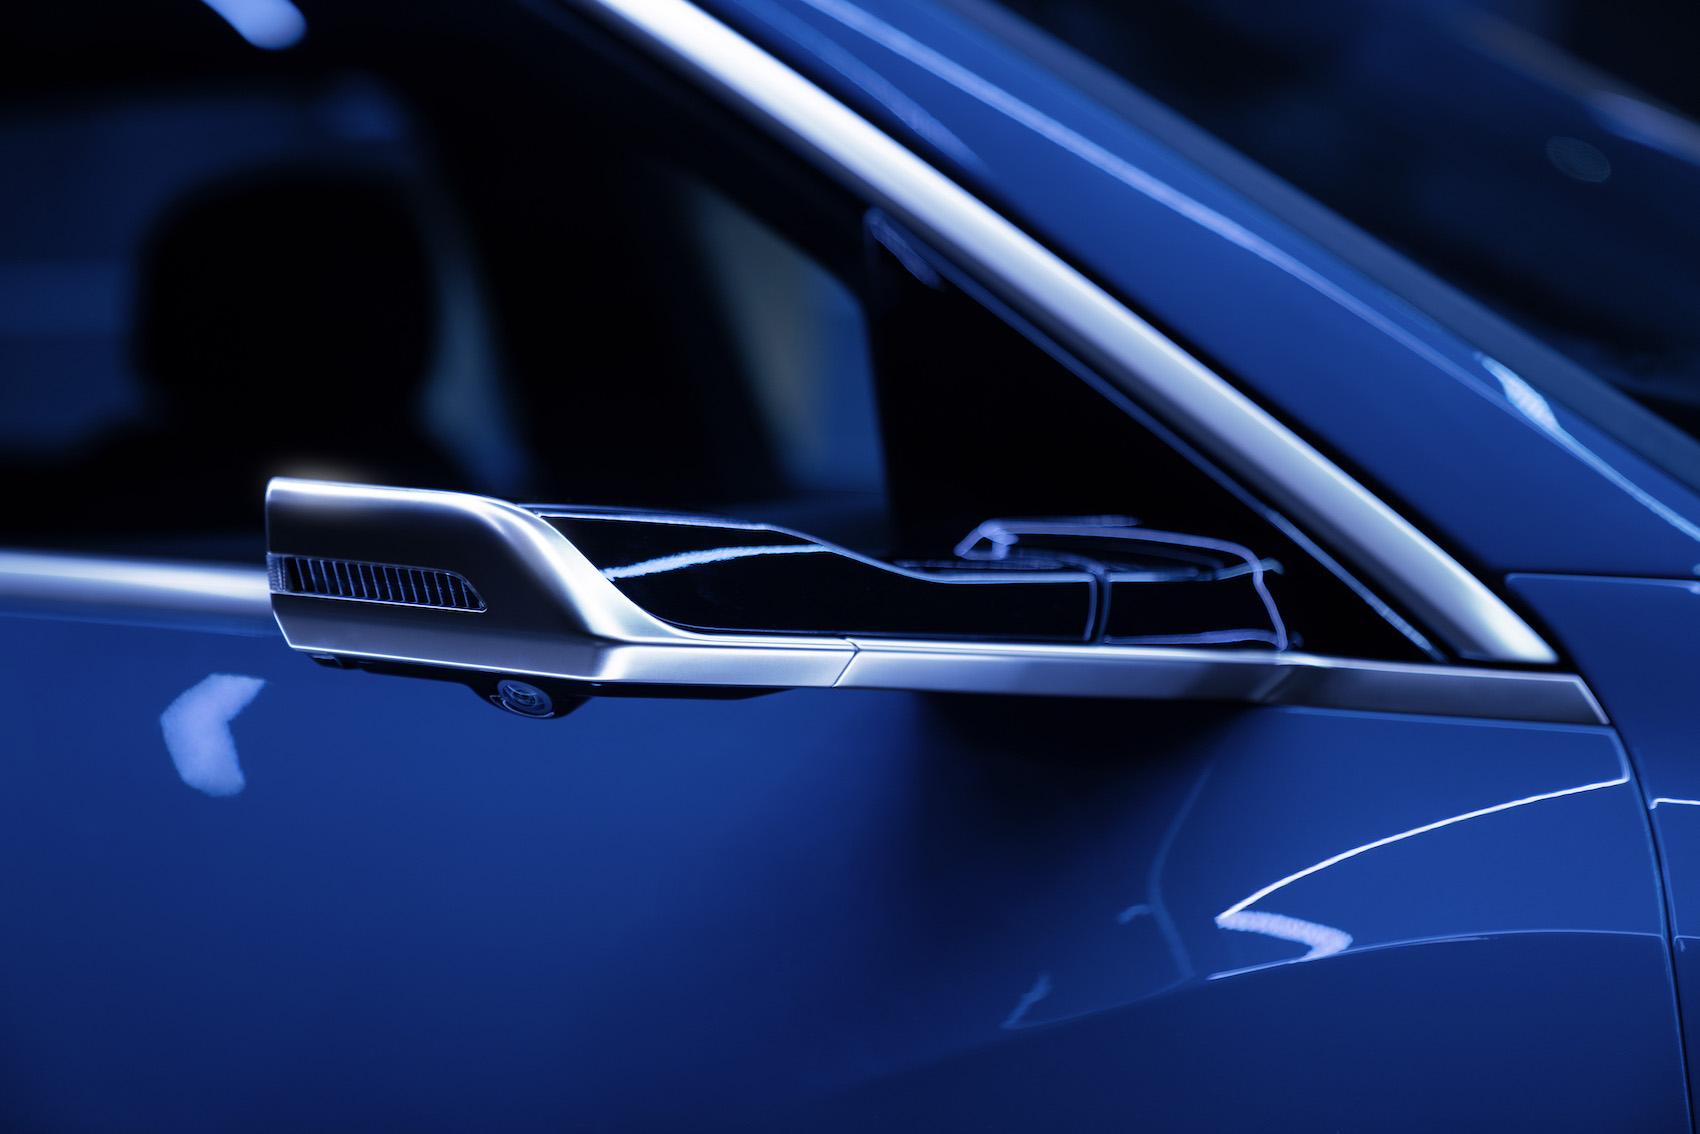 Die optionalen virtuellen Aussenspiegel sind Teil des ausgeklügelten Aerodynamik-Konzepts.